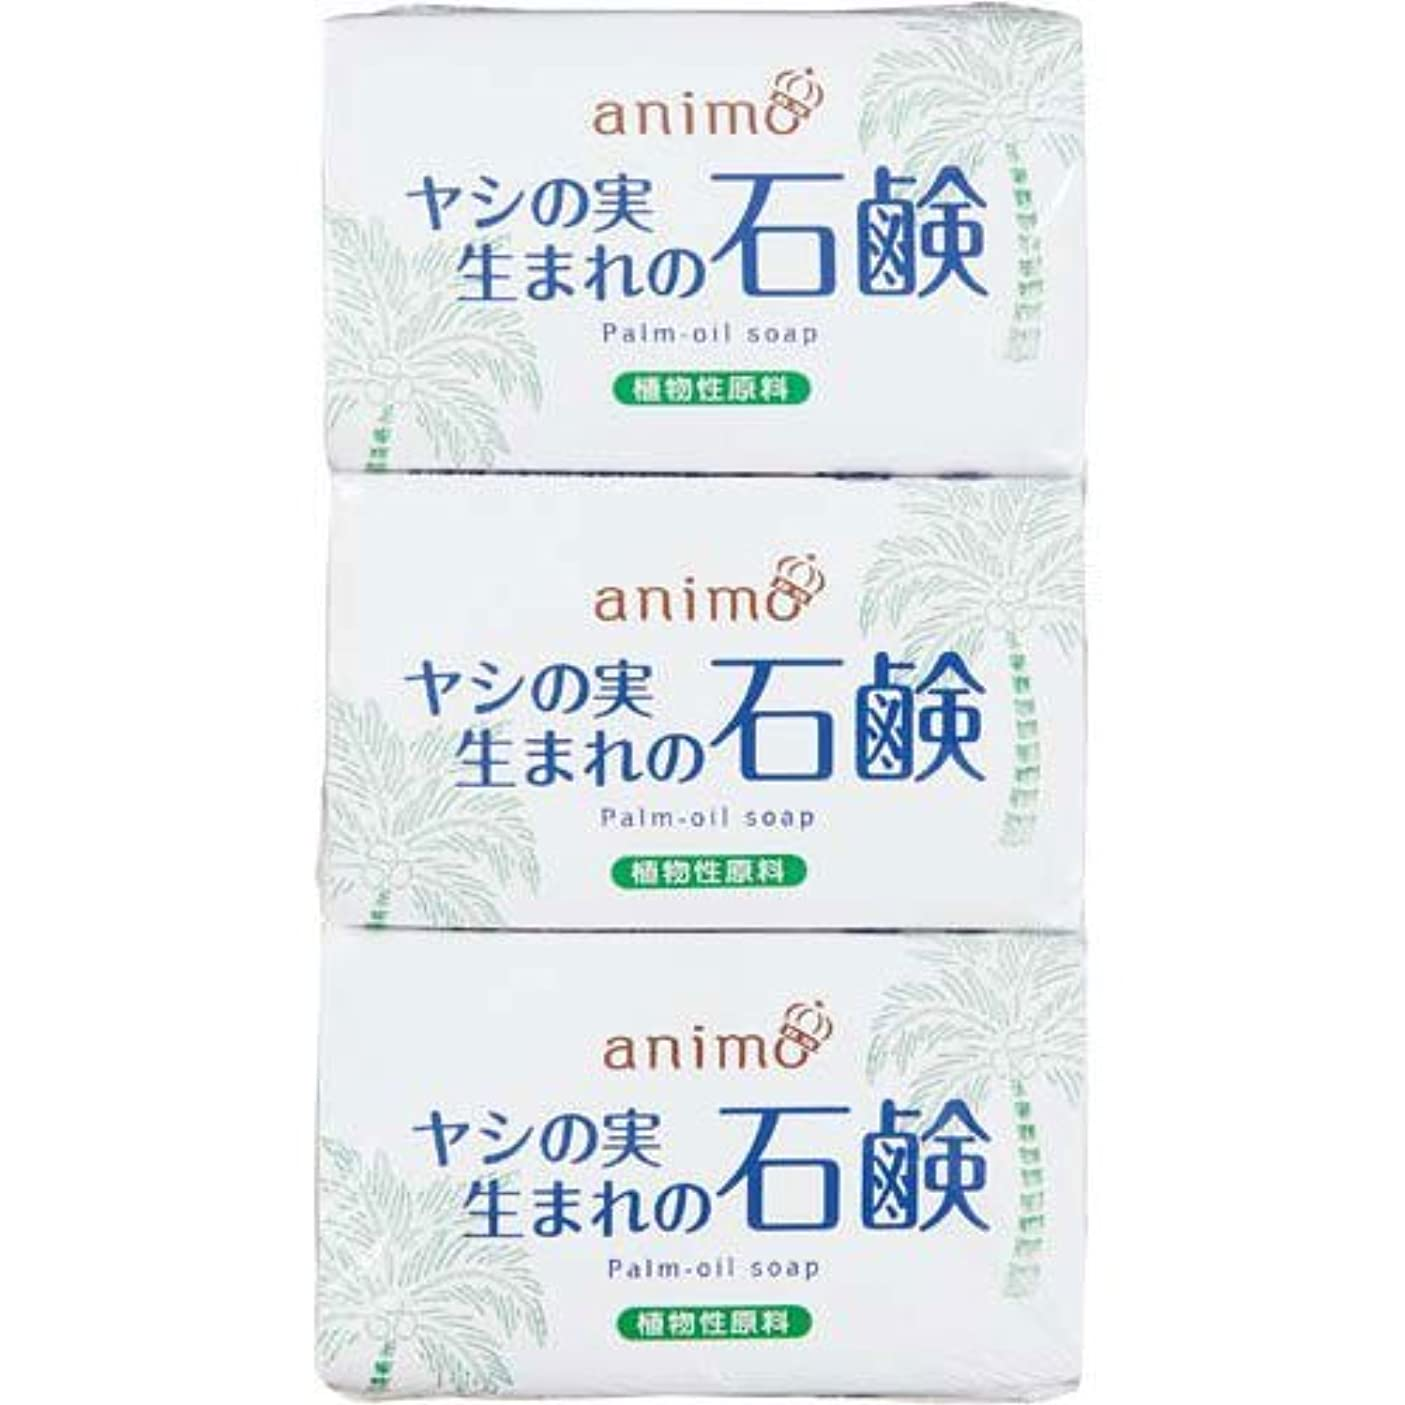 ロケット石鹸 ヤシの実石鹸 80g×3個×5パック